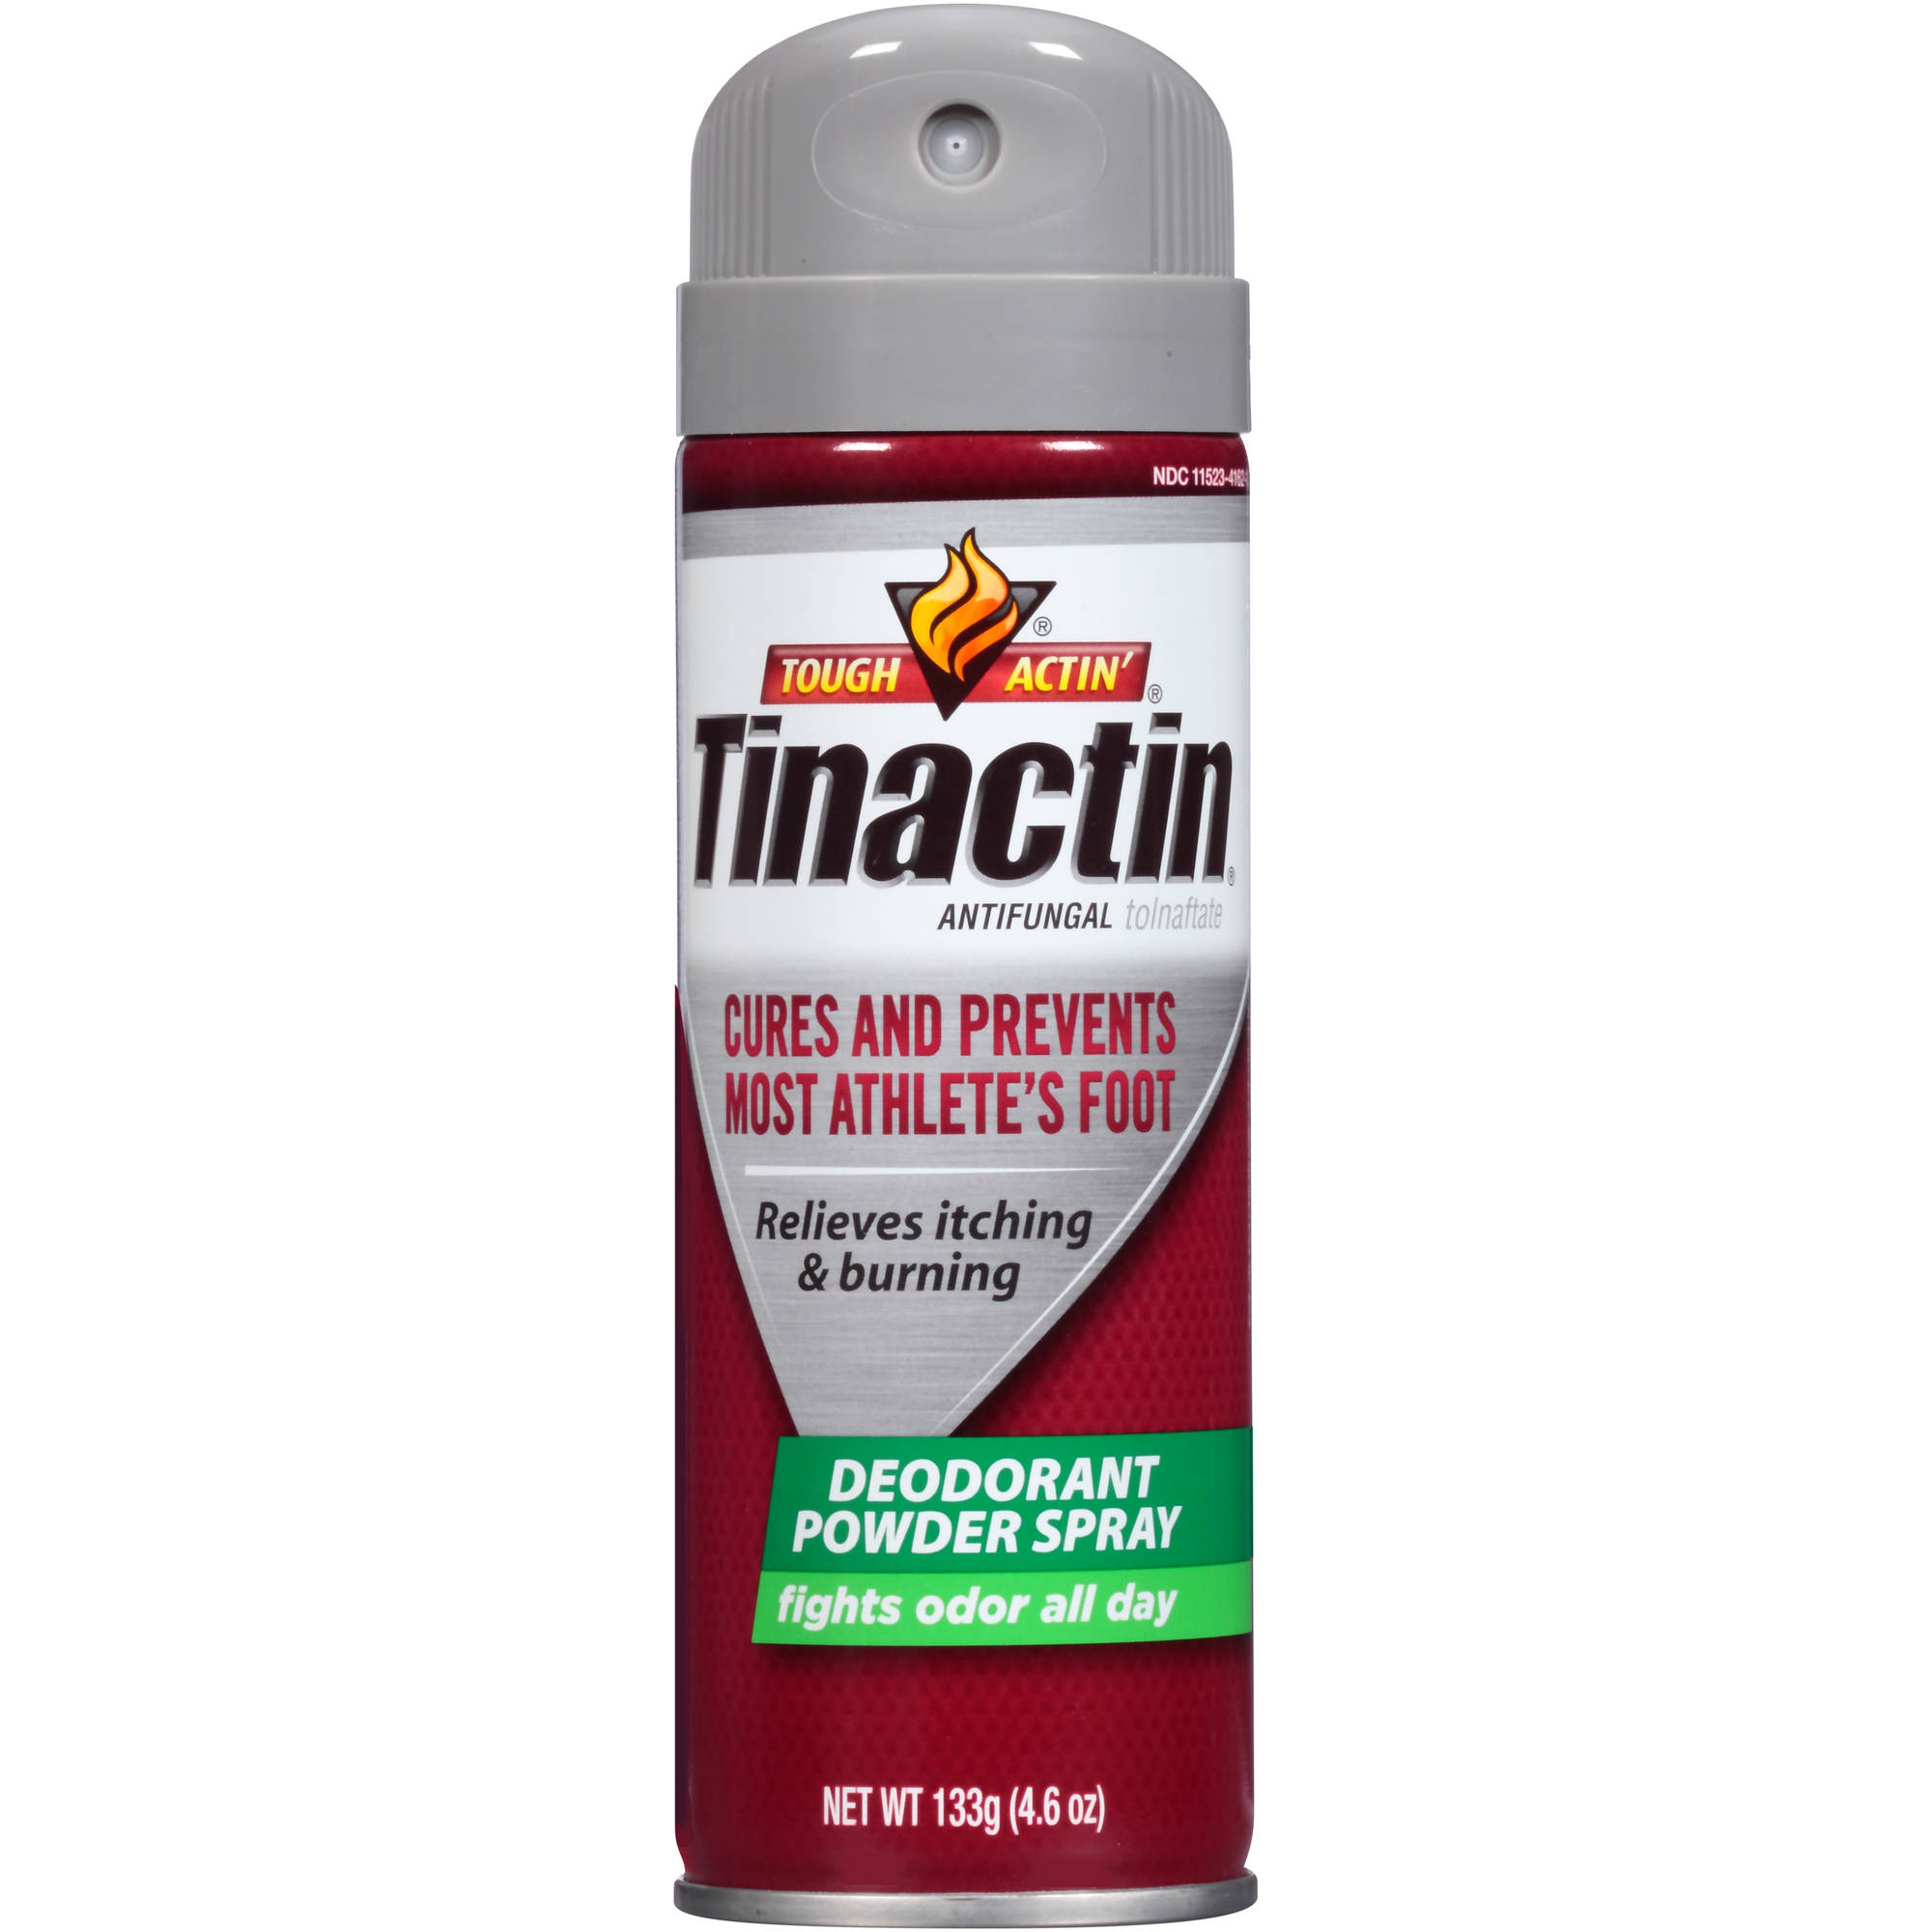 Tinactin Antifungal Deodorant Powder Spray, 4.6 oz